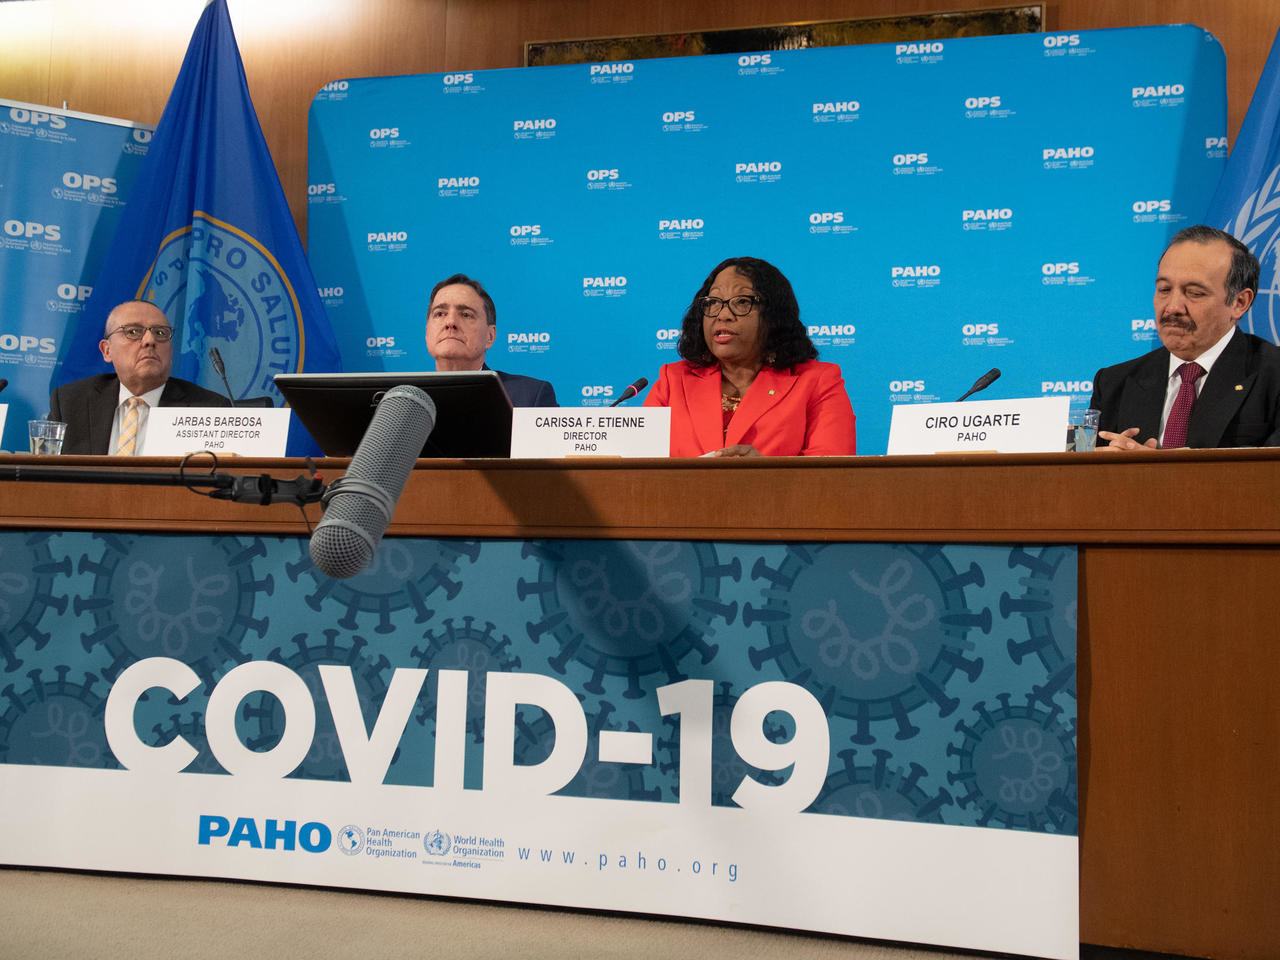 Incluso con vacuna COVID-19 continuará propagándose, dice OPS